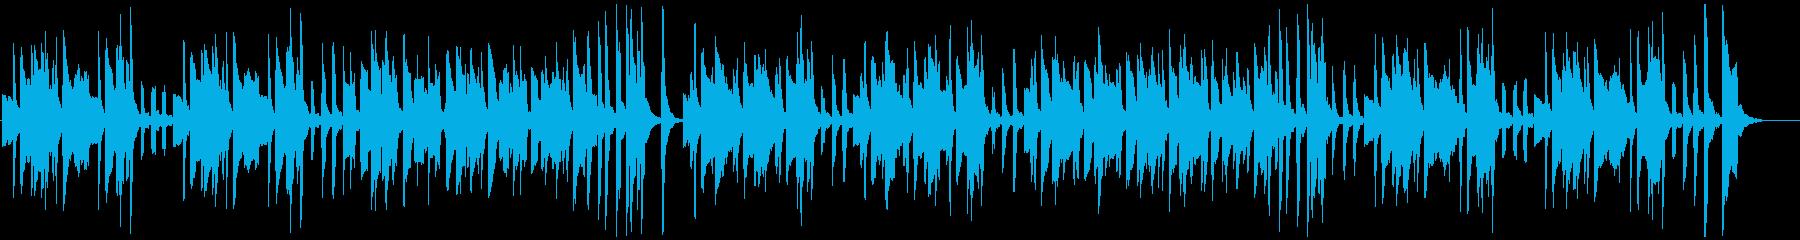 ほのぼの・可愛らしいエレピ・マリンバの再生済みの波形